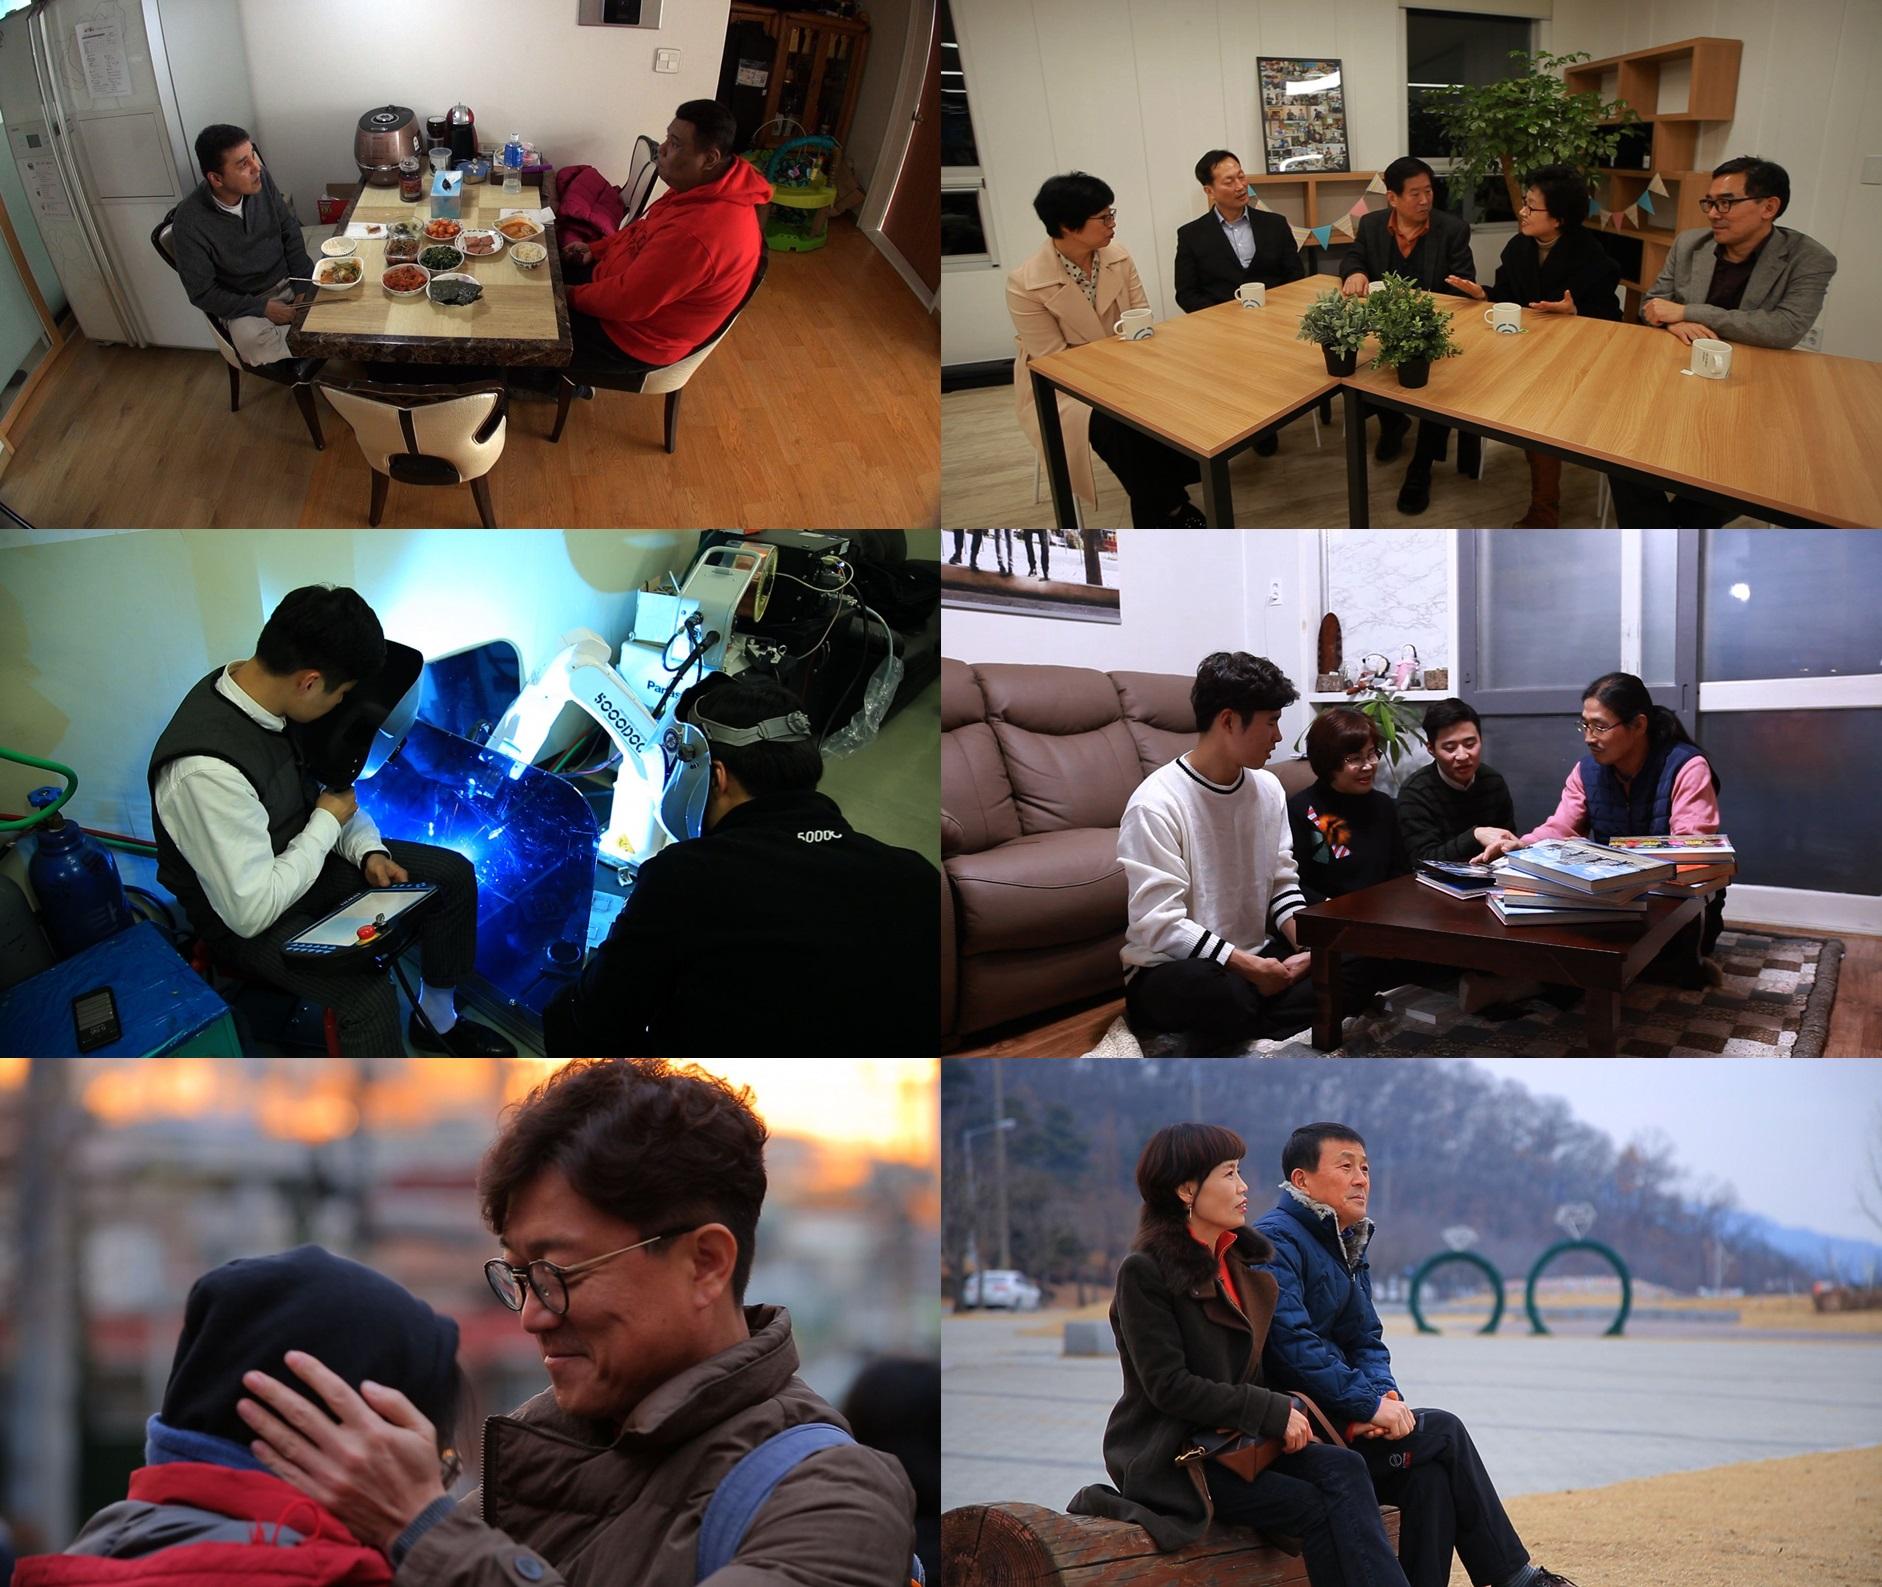 'MBC스페셜' 요즘 부모들의 이야기 다룬다! '부모 독립 프로젝트, 쓰고 죽을까?'